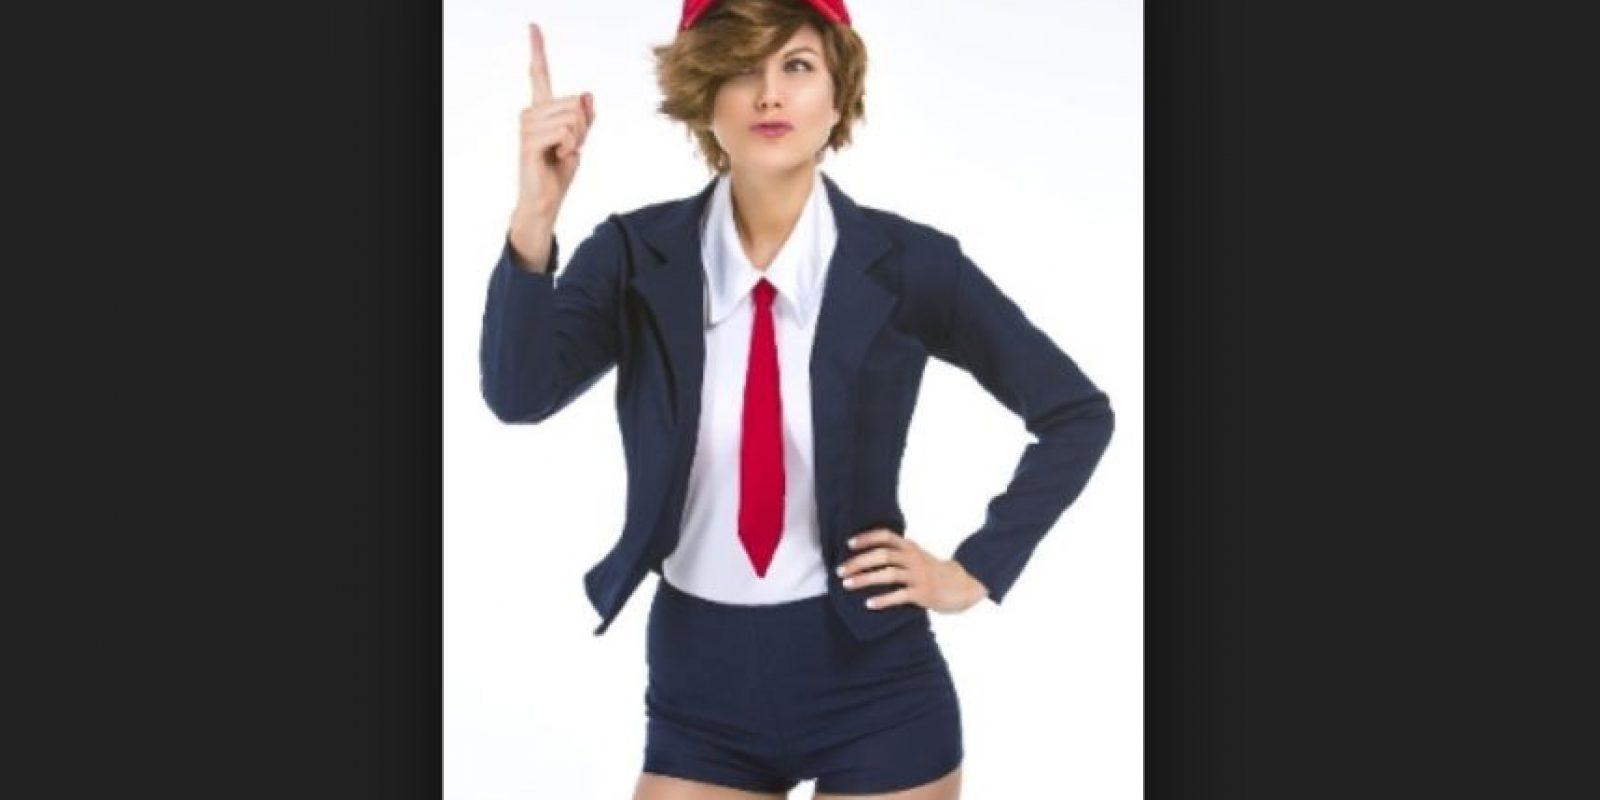 Trump no es el único con disfraz de él, Caitlyn Jenner y el asesino del león Cecil también tiene su disfraz. Foto:Vía yandy.com